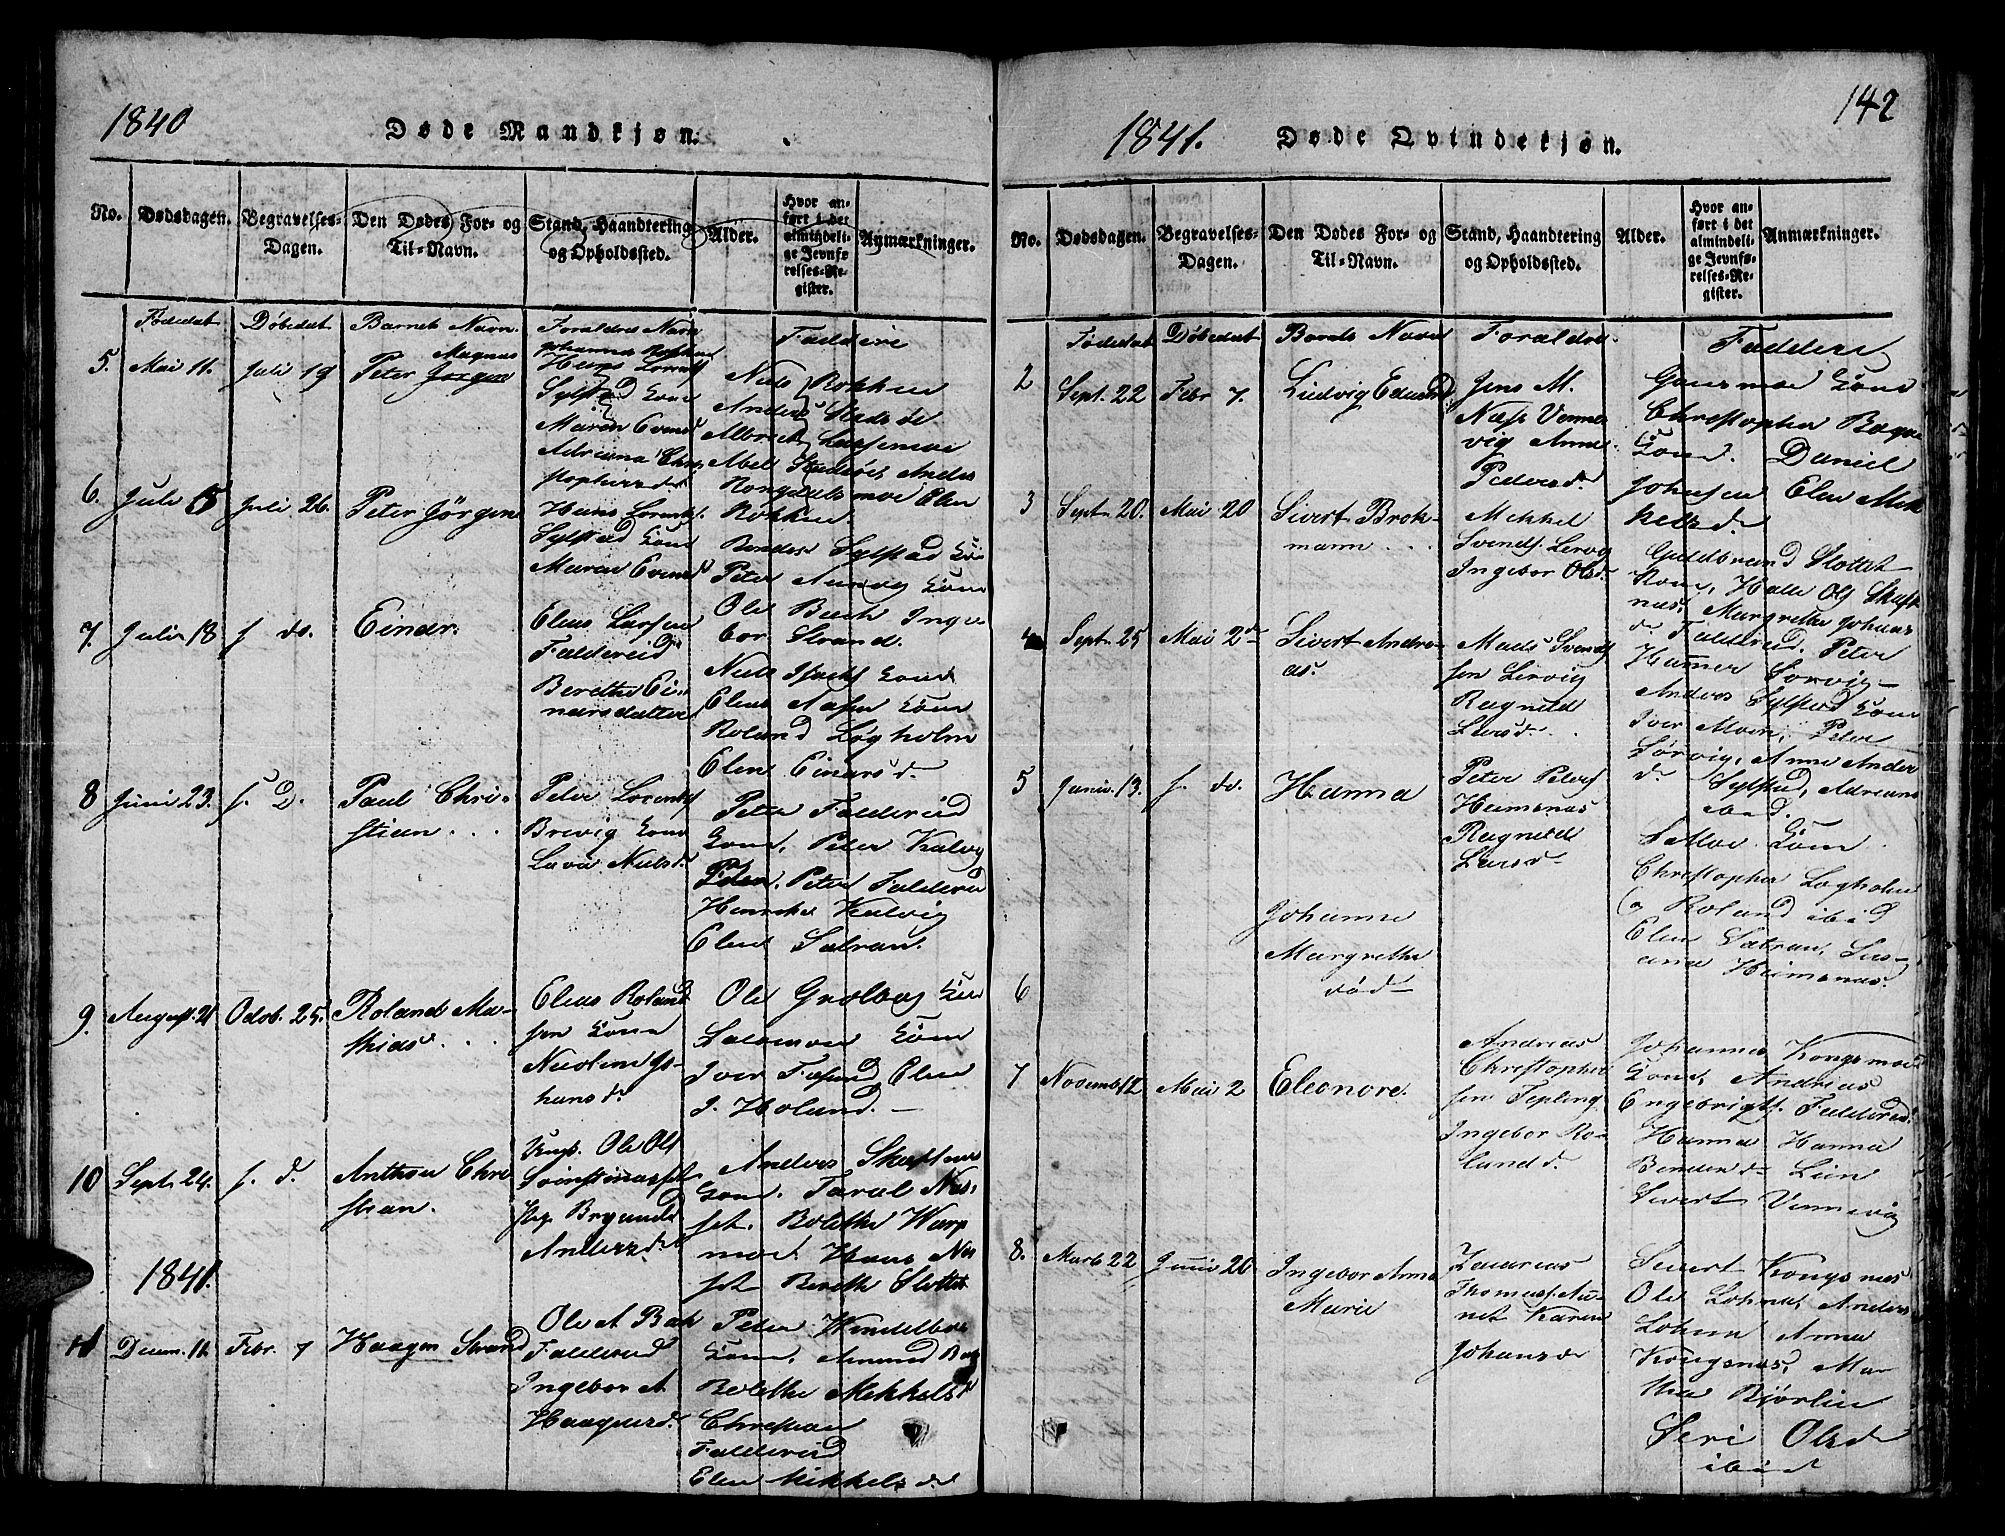 SAT, Ministerialprotokoller, klokkerbøker og fødselsregistre - Nord-Trøndelag, 780/L0648: Klokkerbok nr. 780C01 /3, 1815-1877, s. 142